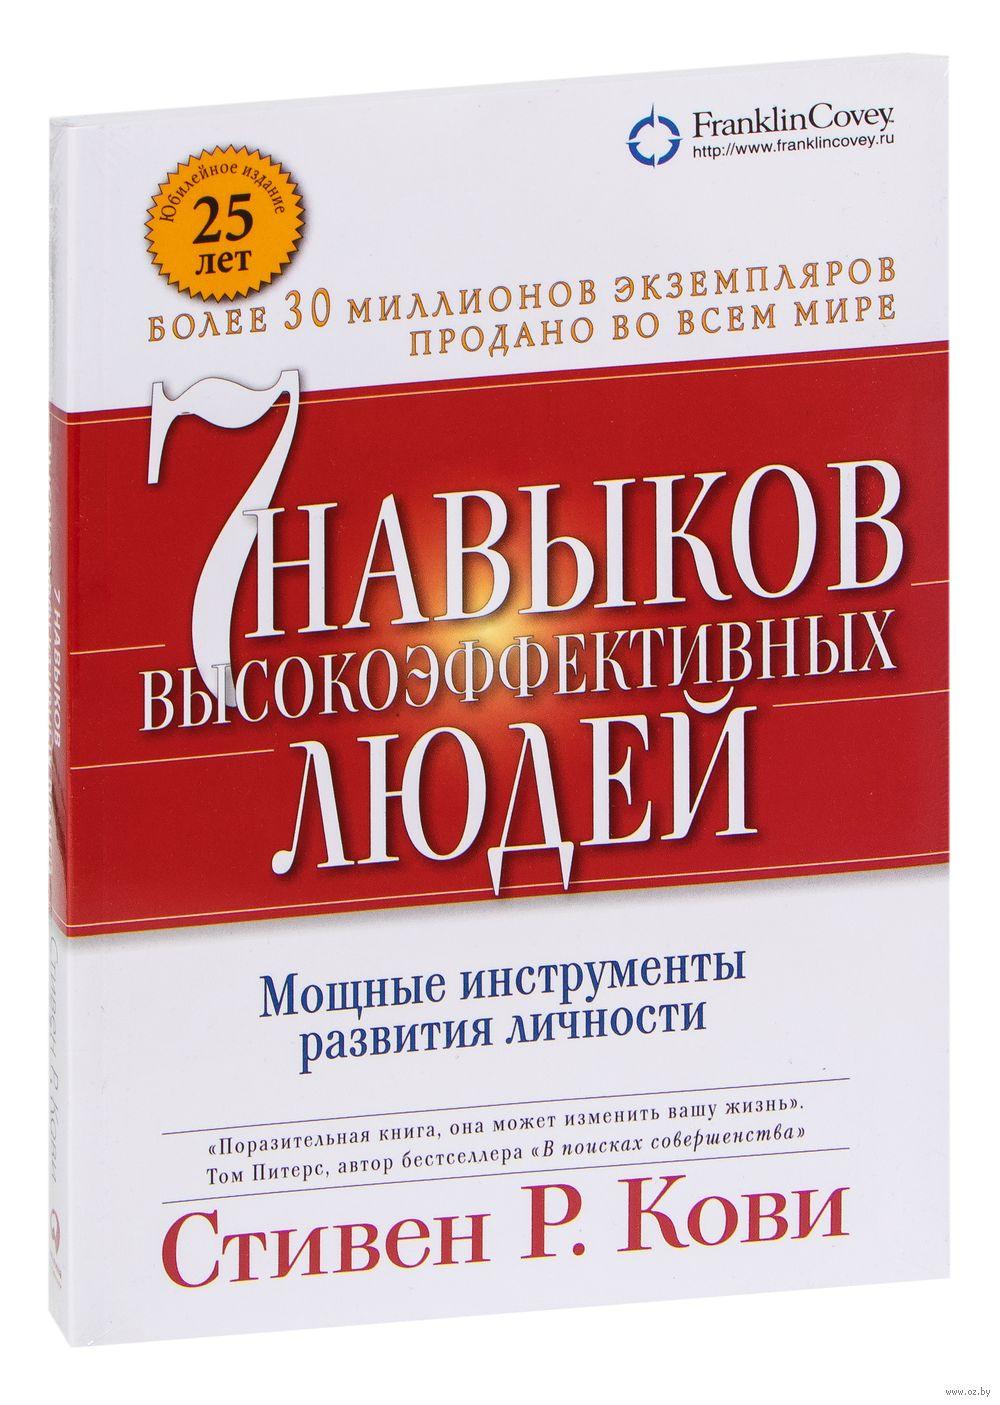 Книги развитие личности скачать